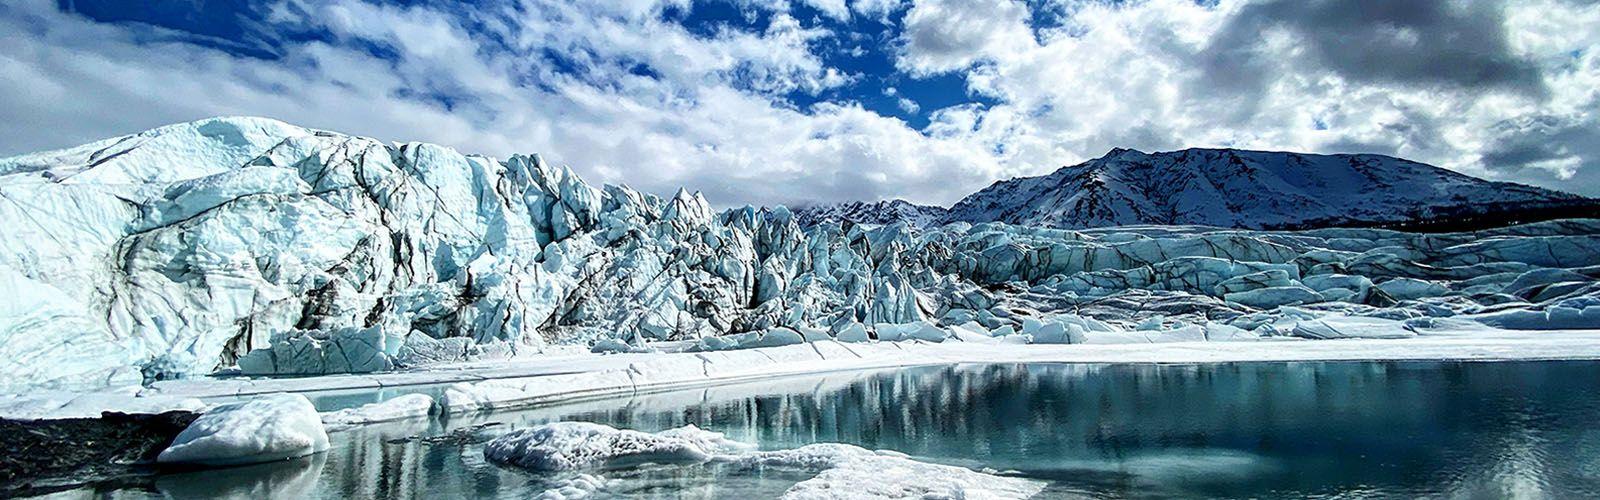 Matanuska Glacier Access